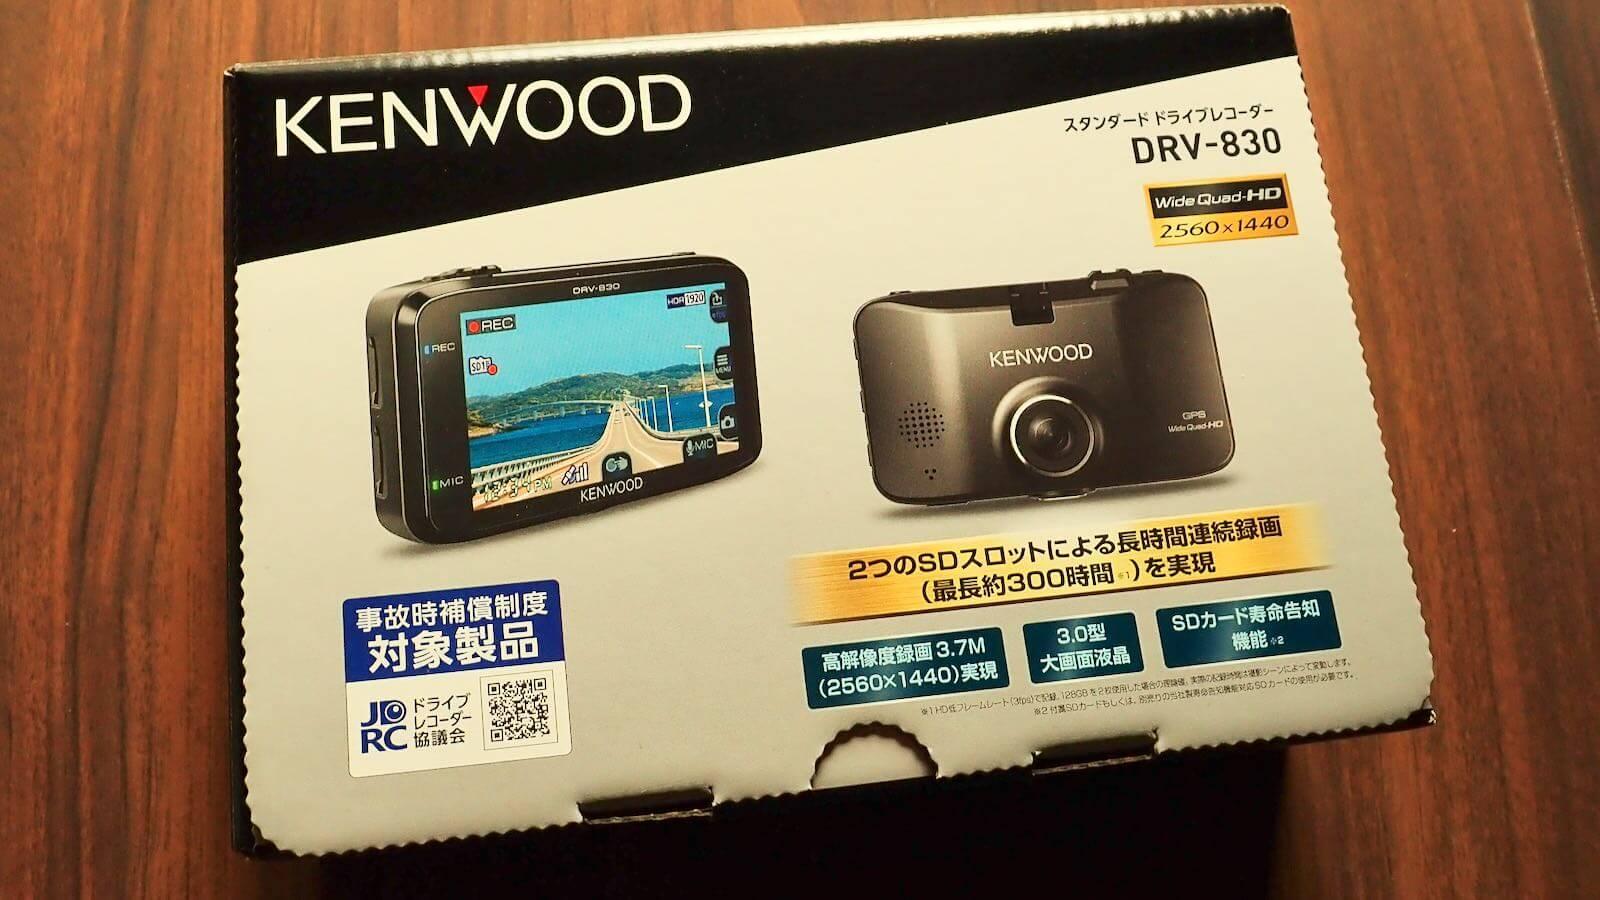 KENWOOD DRV-830 packing box